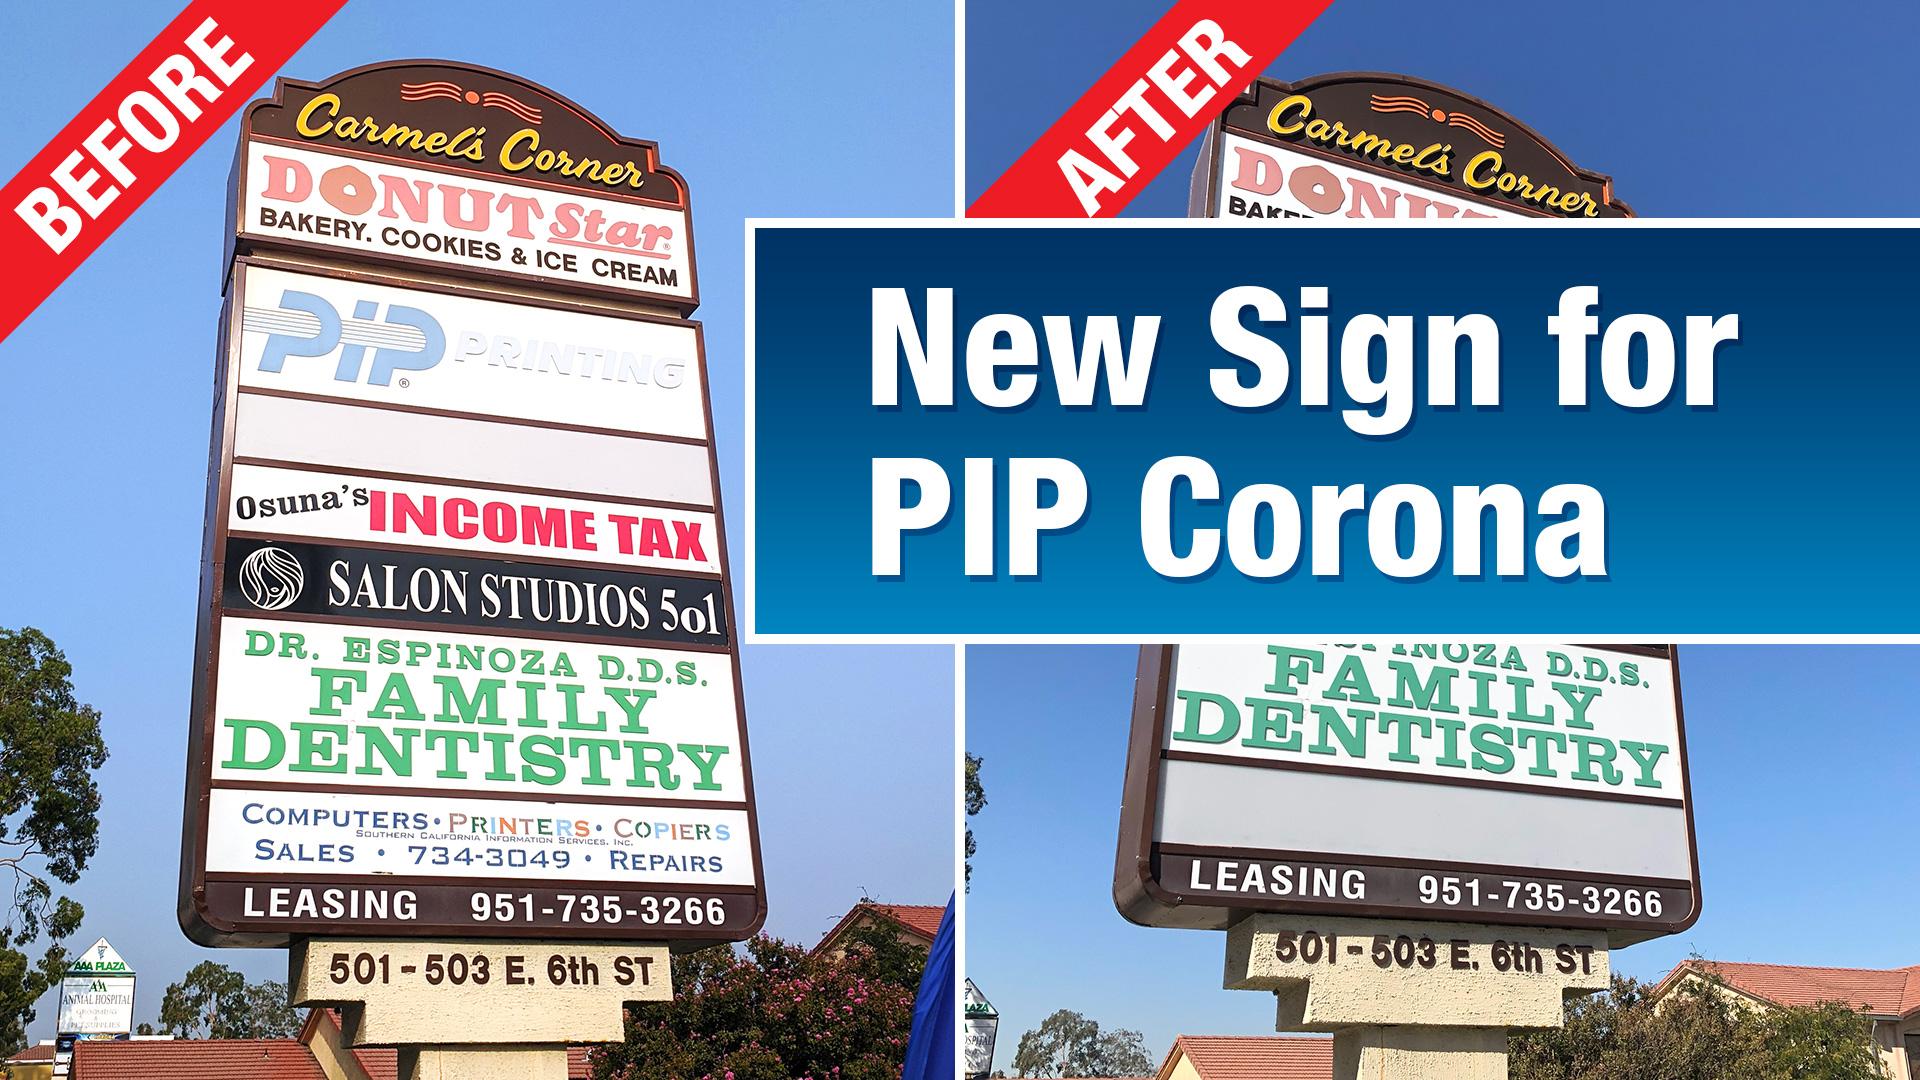 New PIP Corona Sign